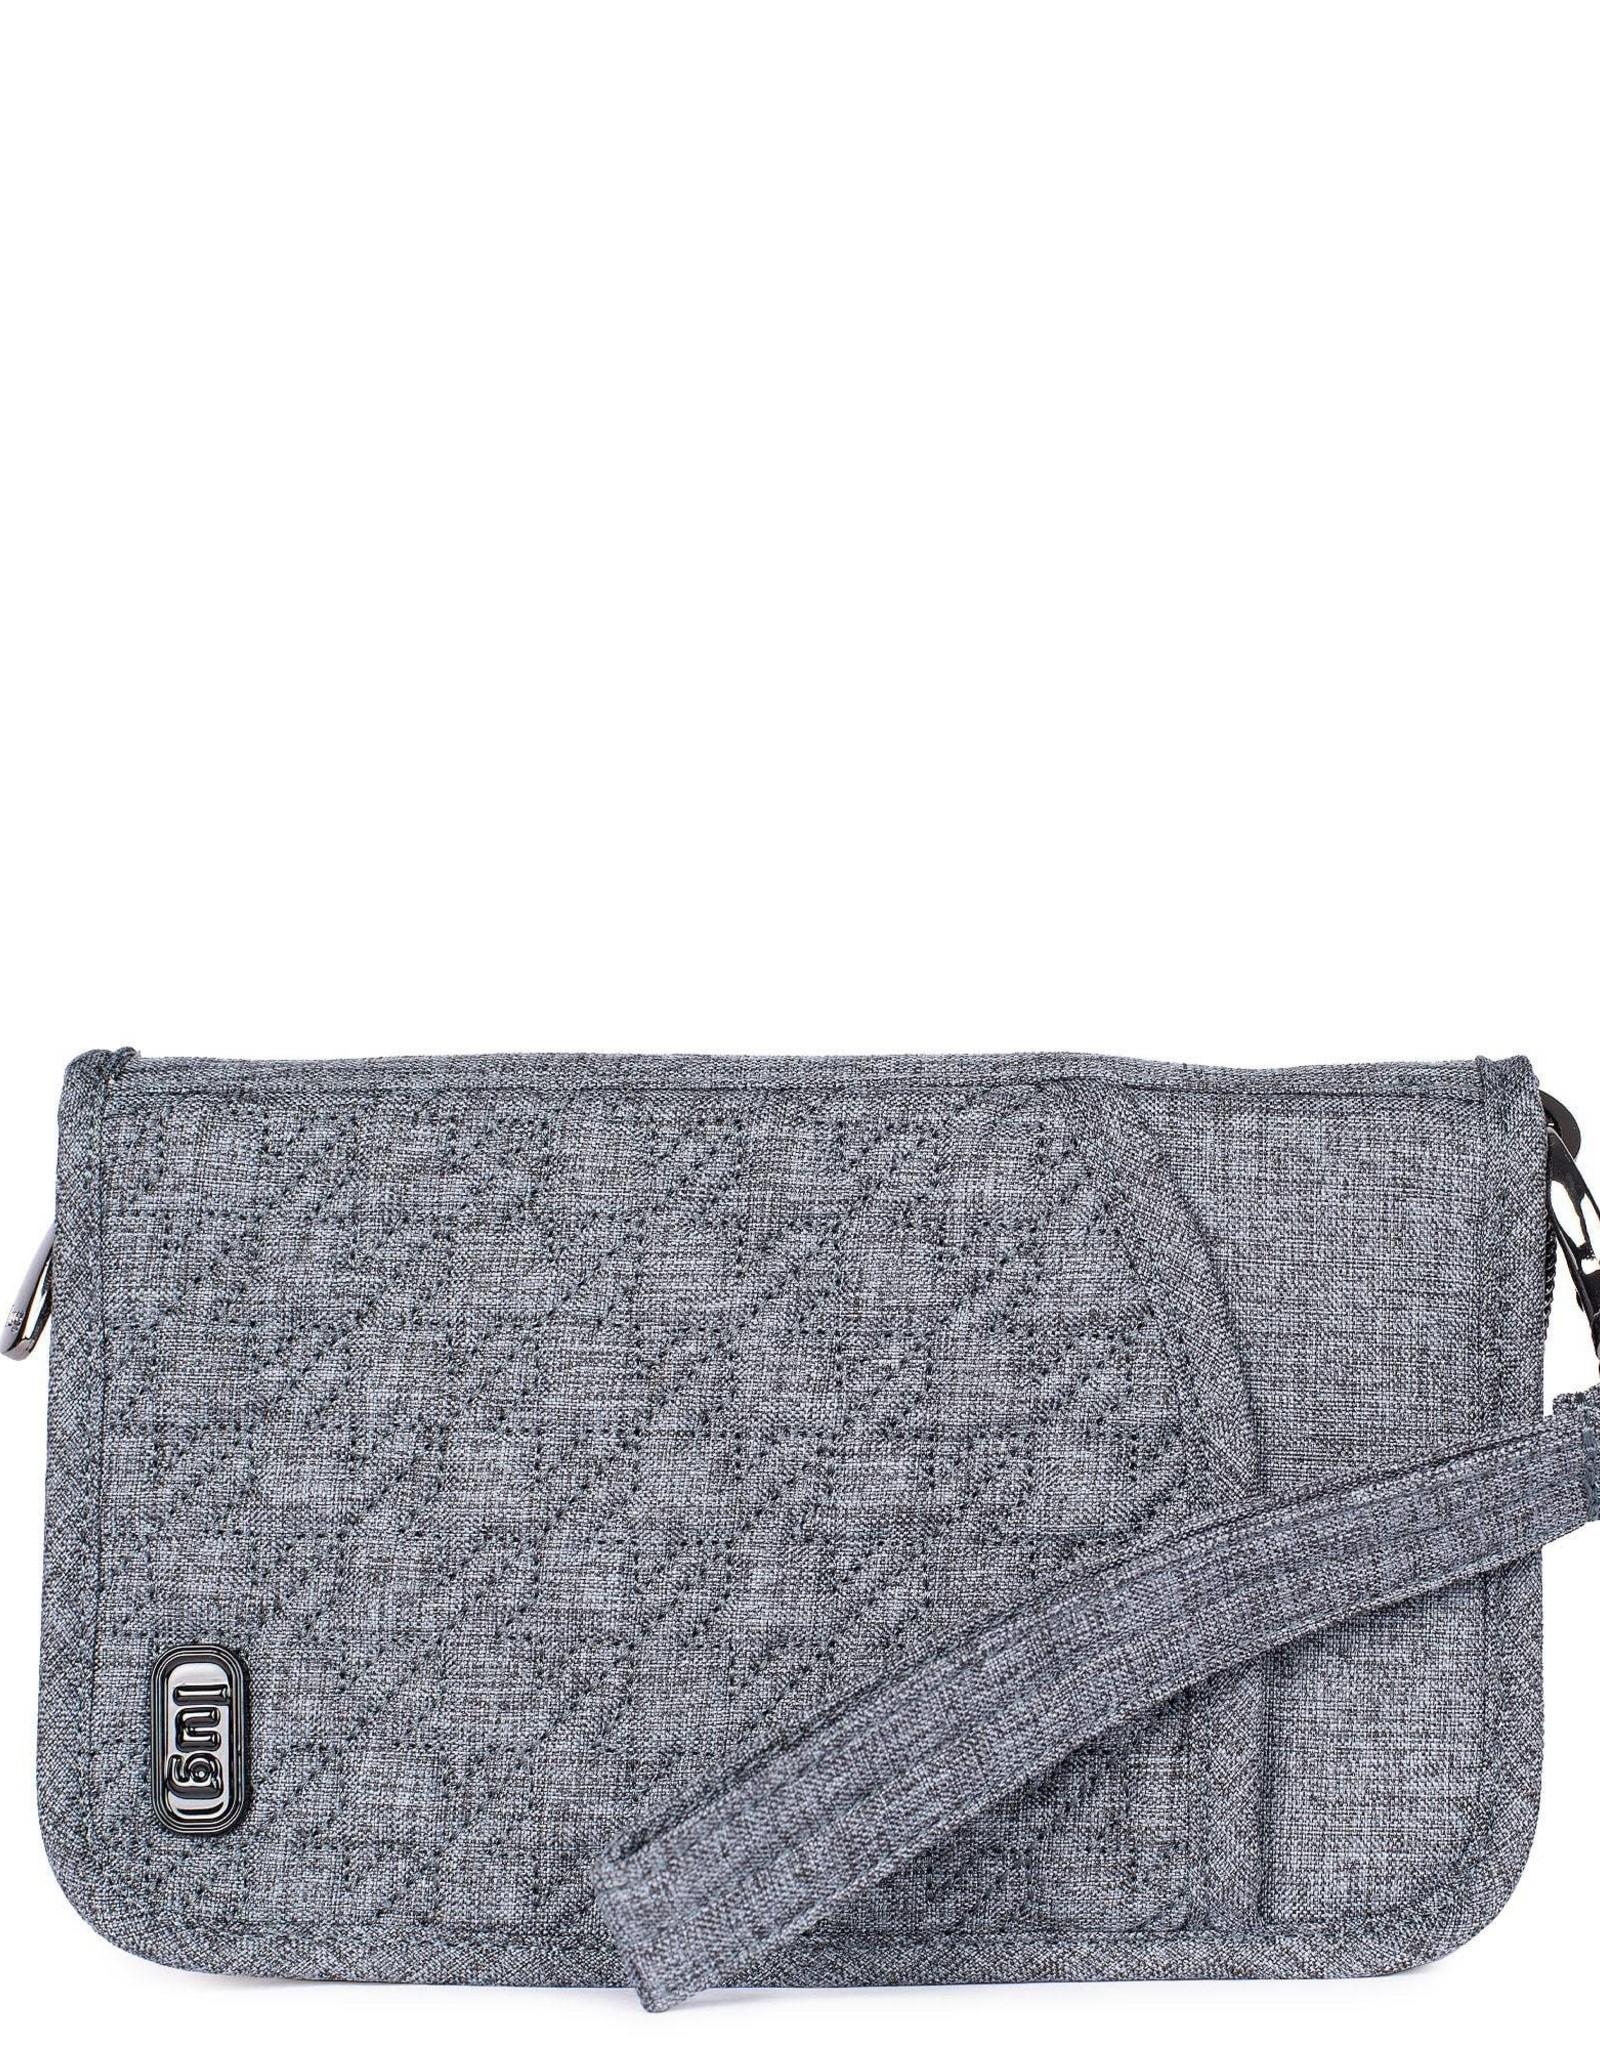 Lug Tandem Zip Travel Wallet